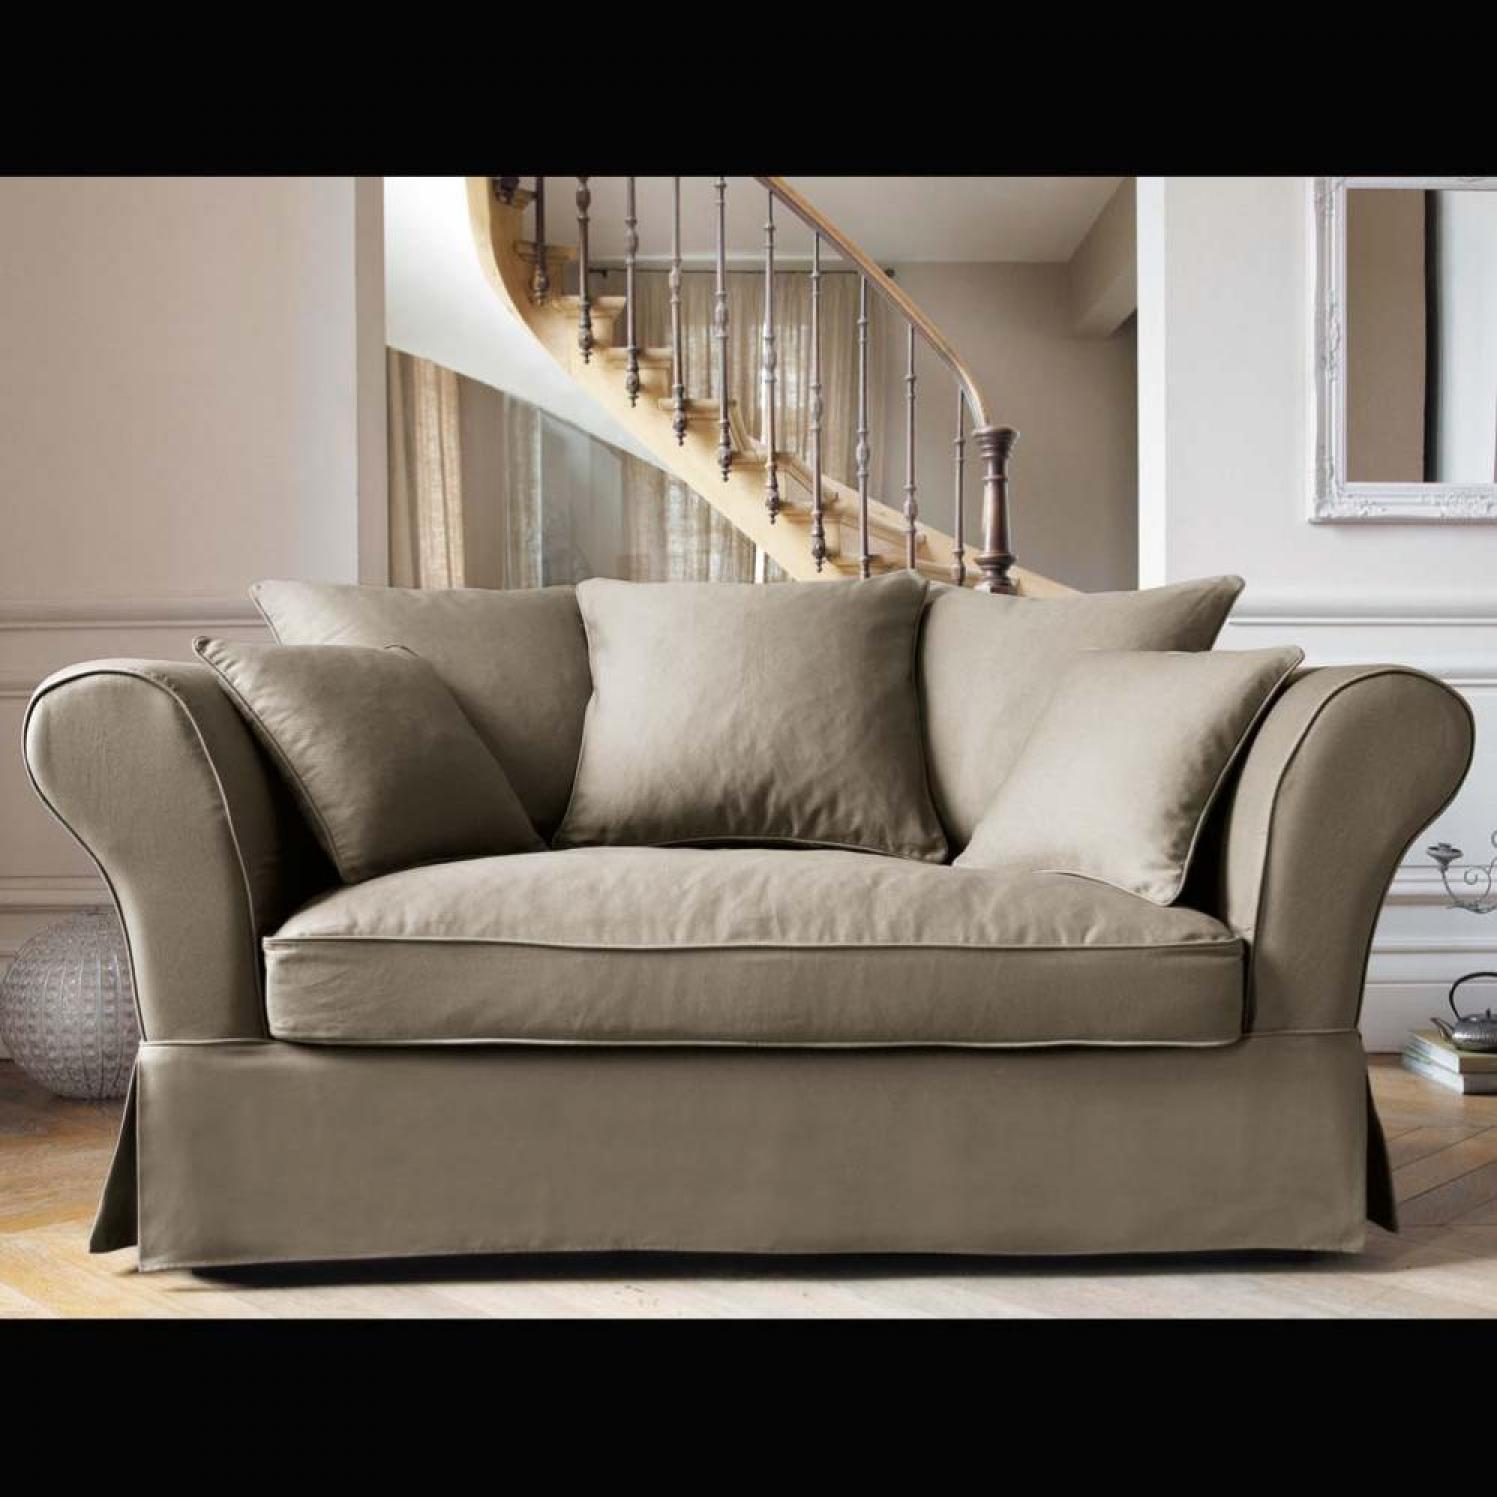 canape maison du monde tte de lit cm chocolat with canape maison du monde. Black Bedroom Furniture Sets. Home Design Ideas